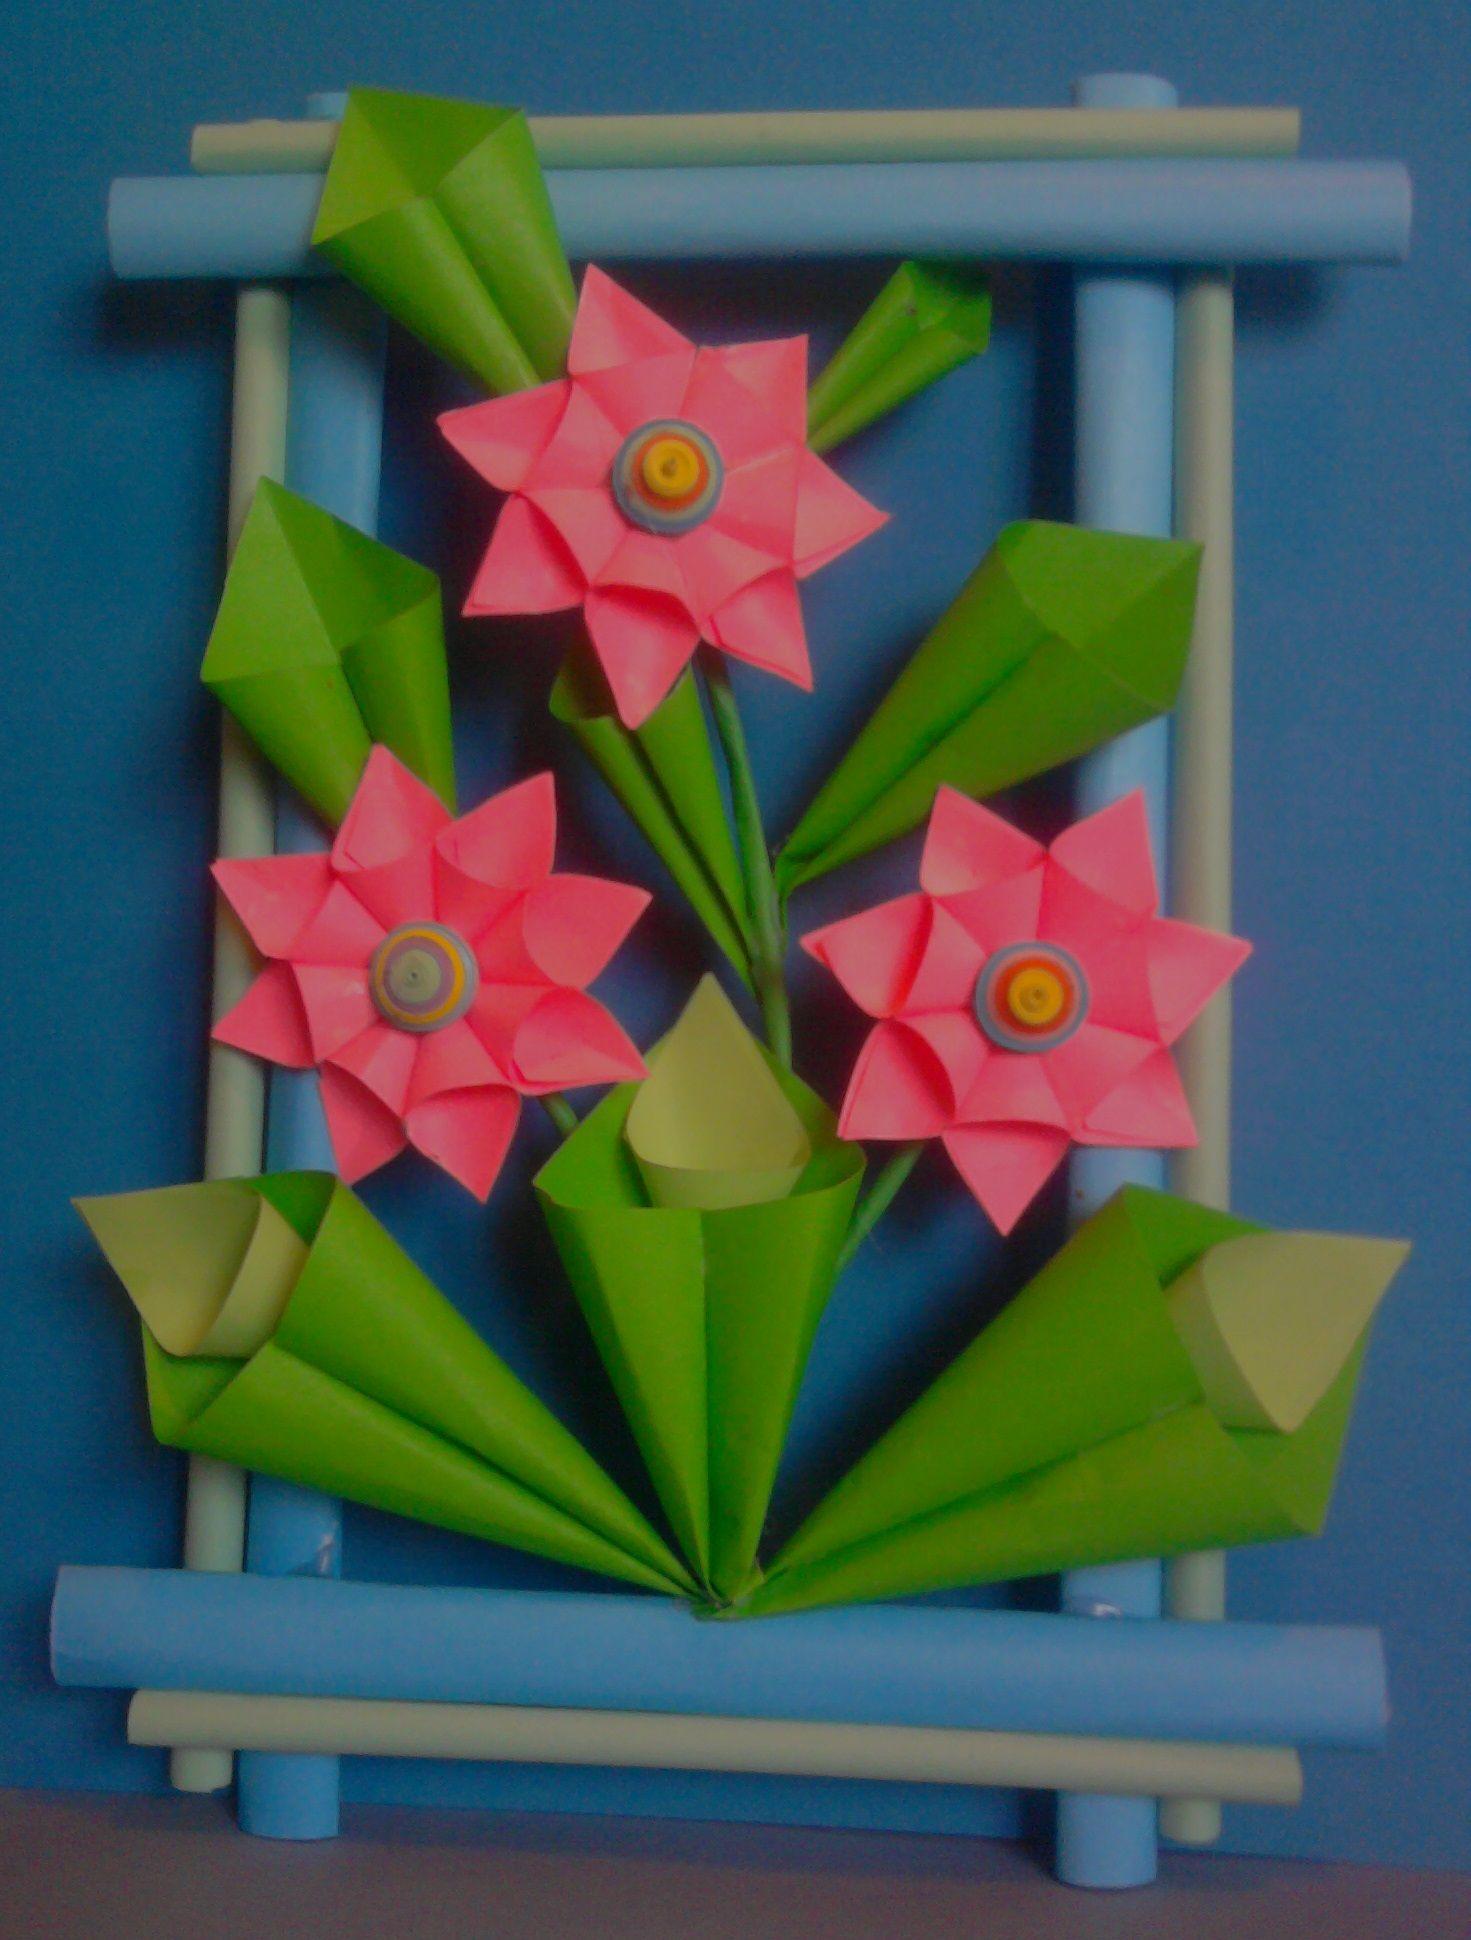 Kwiaty Z Papieru Ikebana Prace Plastyczne Dariusz Zolynski Flowers Paper Paper Flowers Orgiami Kir Paper Flower Crafts Paper Crafts Diy Flower Crafts